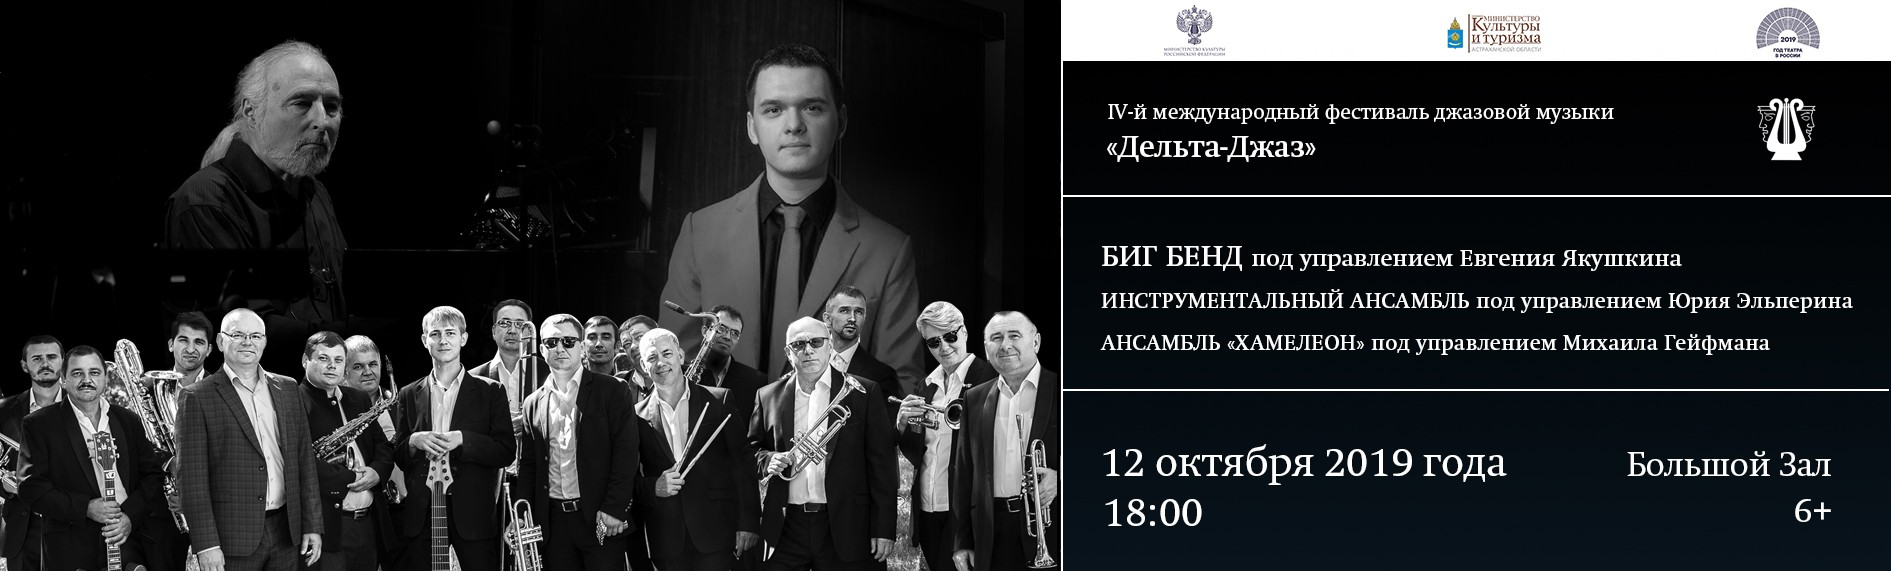 """Международный фестиваль """"Дельта Джаз"""". Биг-бэнд. Астраханской филармонии п/у Е.Якушкина."""